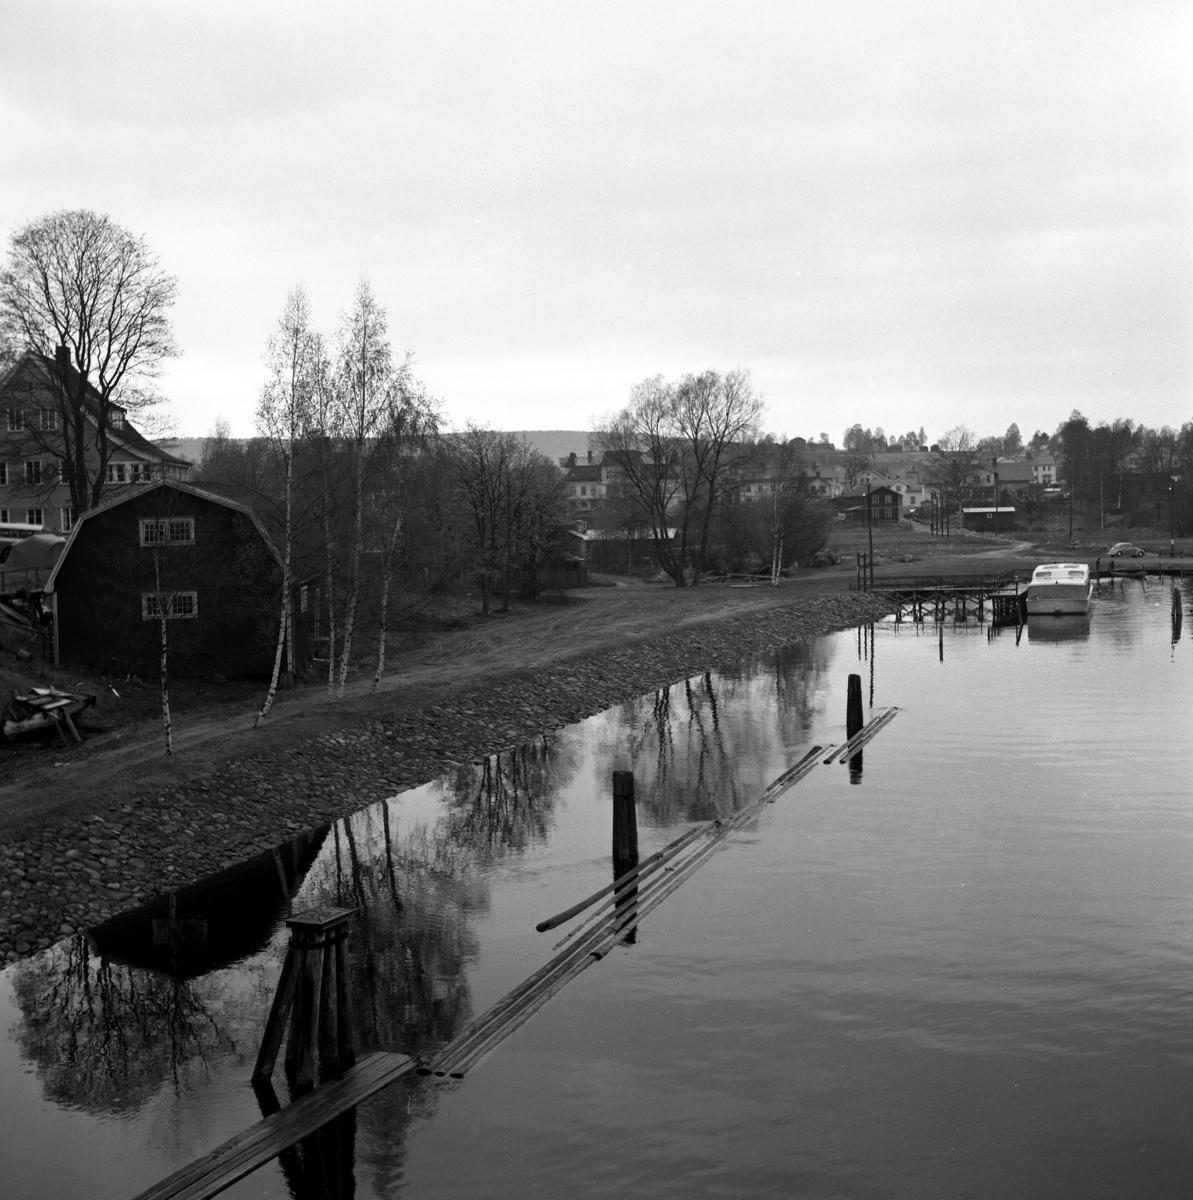 """Någonstans i Värmland - från slutet av 1950-talet. Kommentar från användare: """"Sunne med hotell Nilsson längst till vänster i bild."""""""